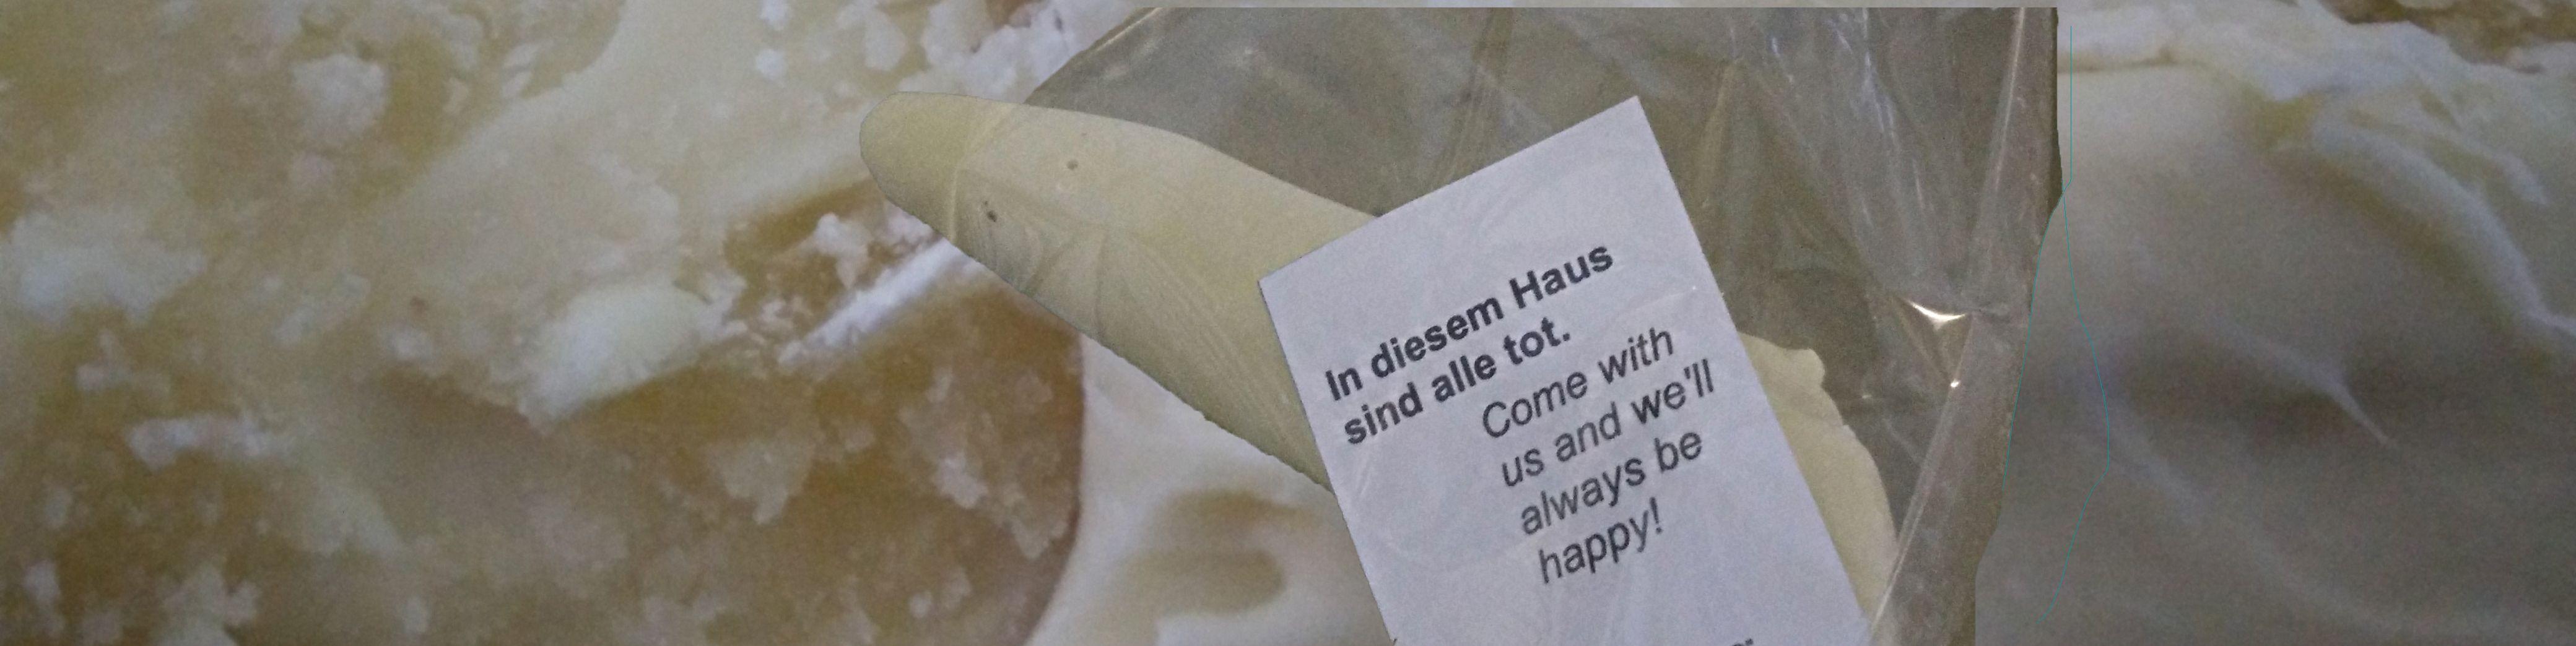 """Mini-Zuckernasen in """"Zucker I - Pinocchio"""" Installation der Künstlergruppe """"bösediva"""" #bösediva #BöseDiva #Performance #Leichenhalle #Wedding #Krematorium #Zucker #Pinocchio #Schokolade #SüßeVerführung #Süßigkeiten #Essen"""